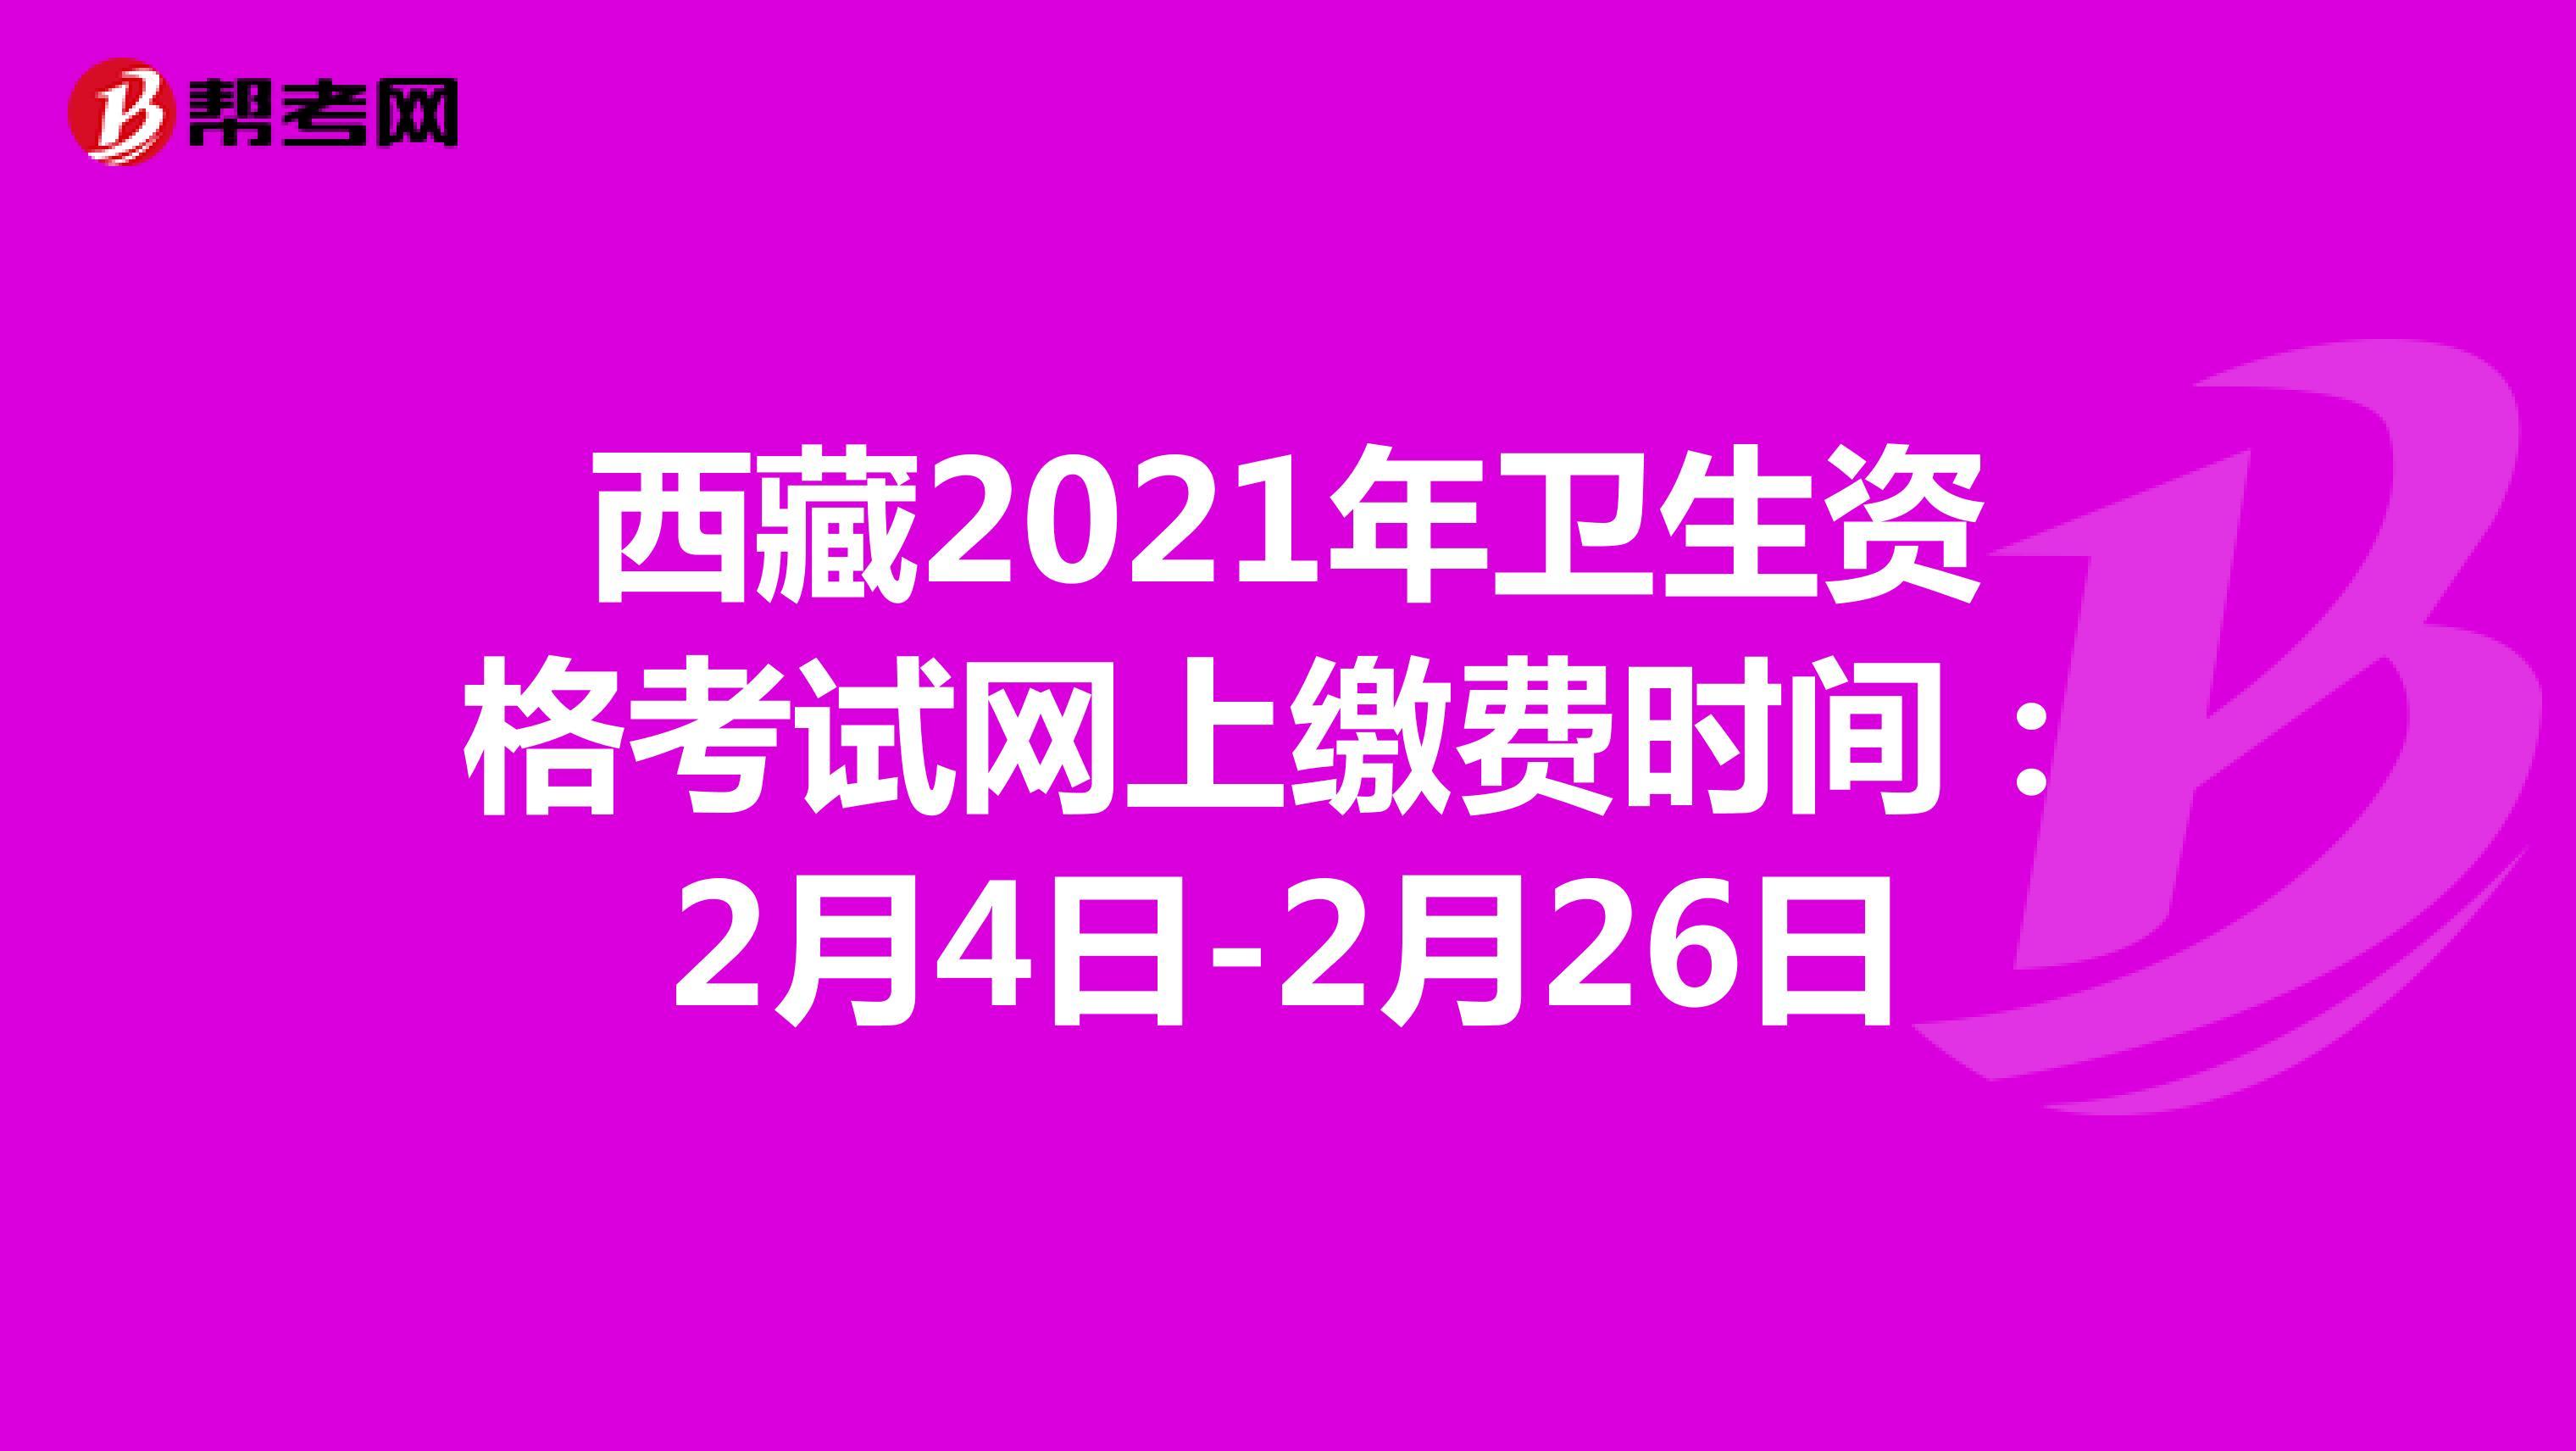 西藏2021年衛生資格考試網上繳費時間:2月4日-2月26日